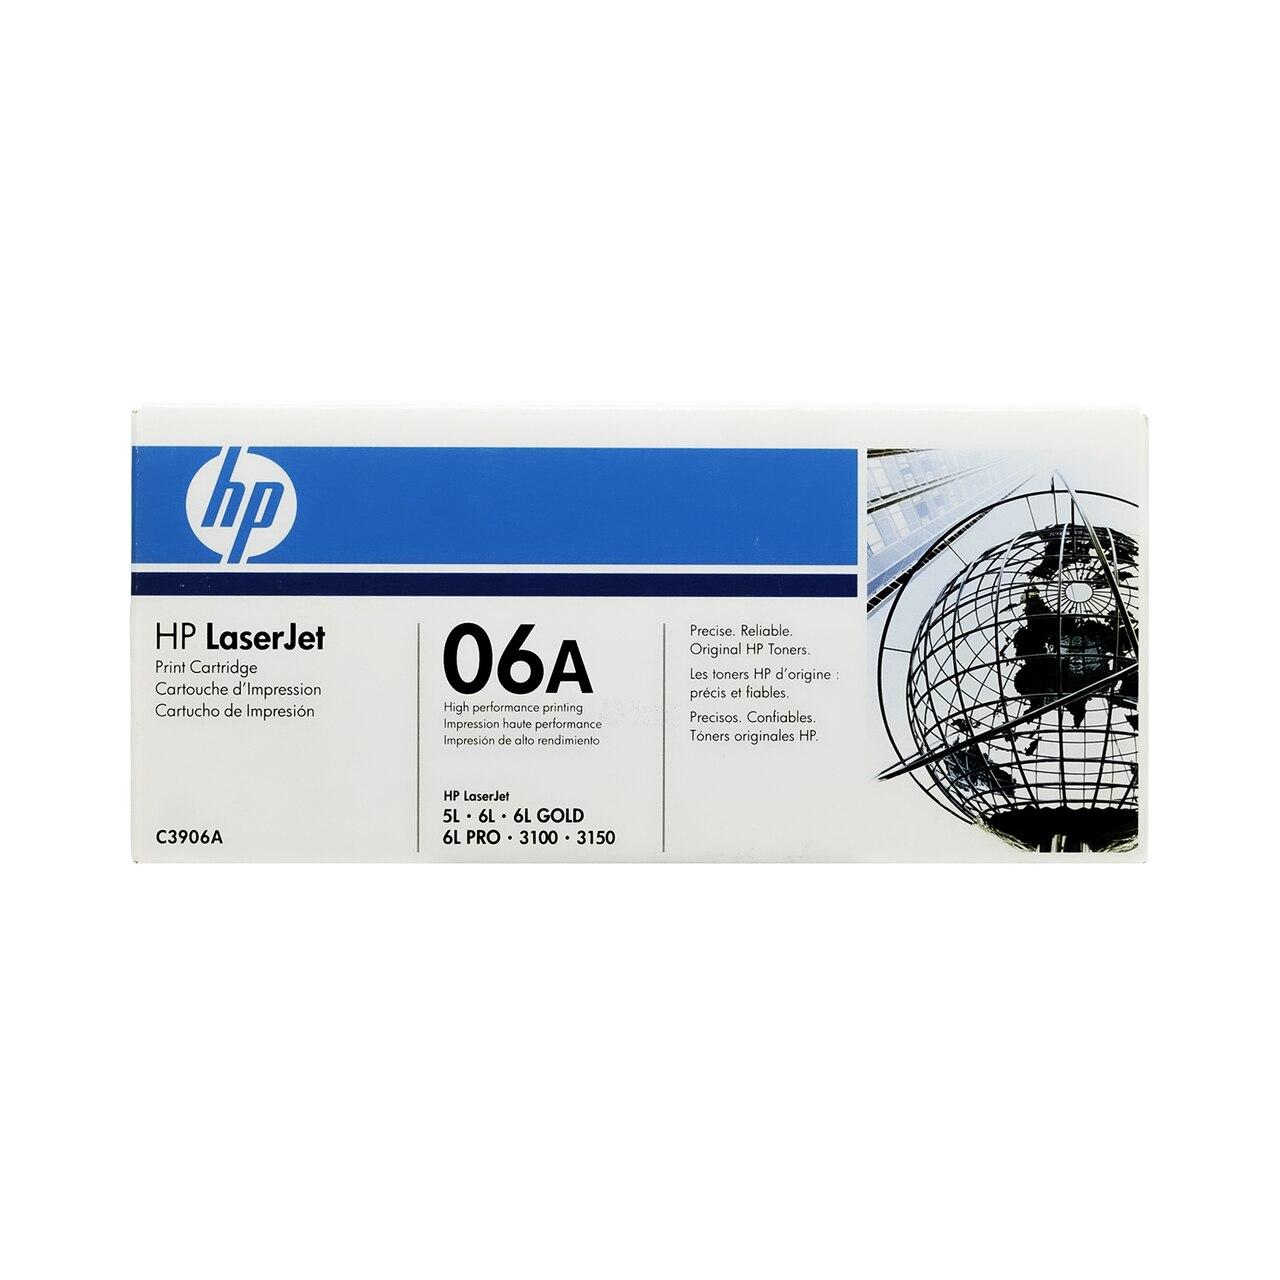 C3906A-PV | HP 06A  | Original HP Toner Cartridge - Black